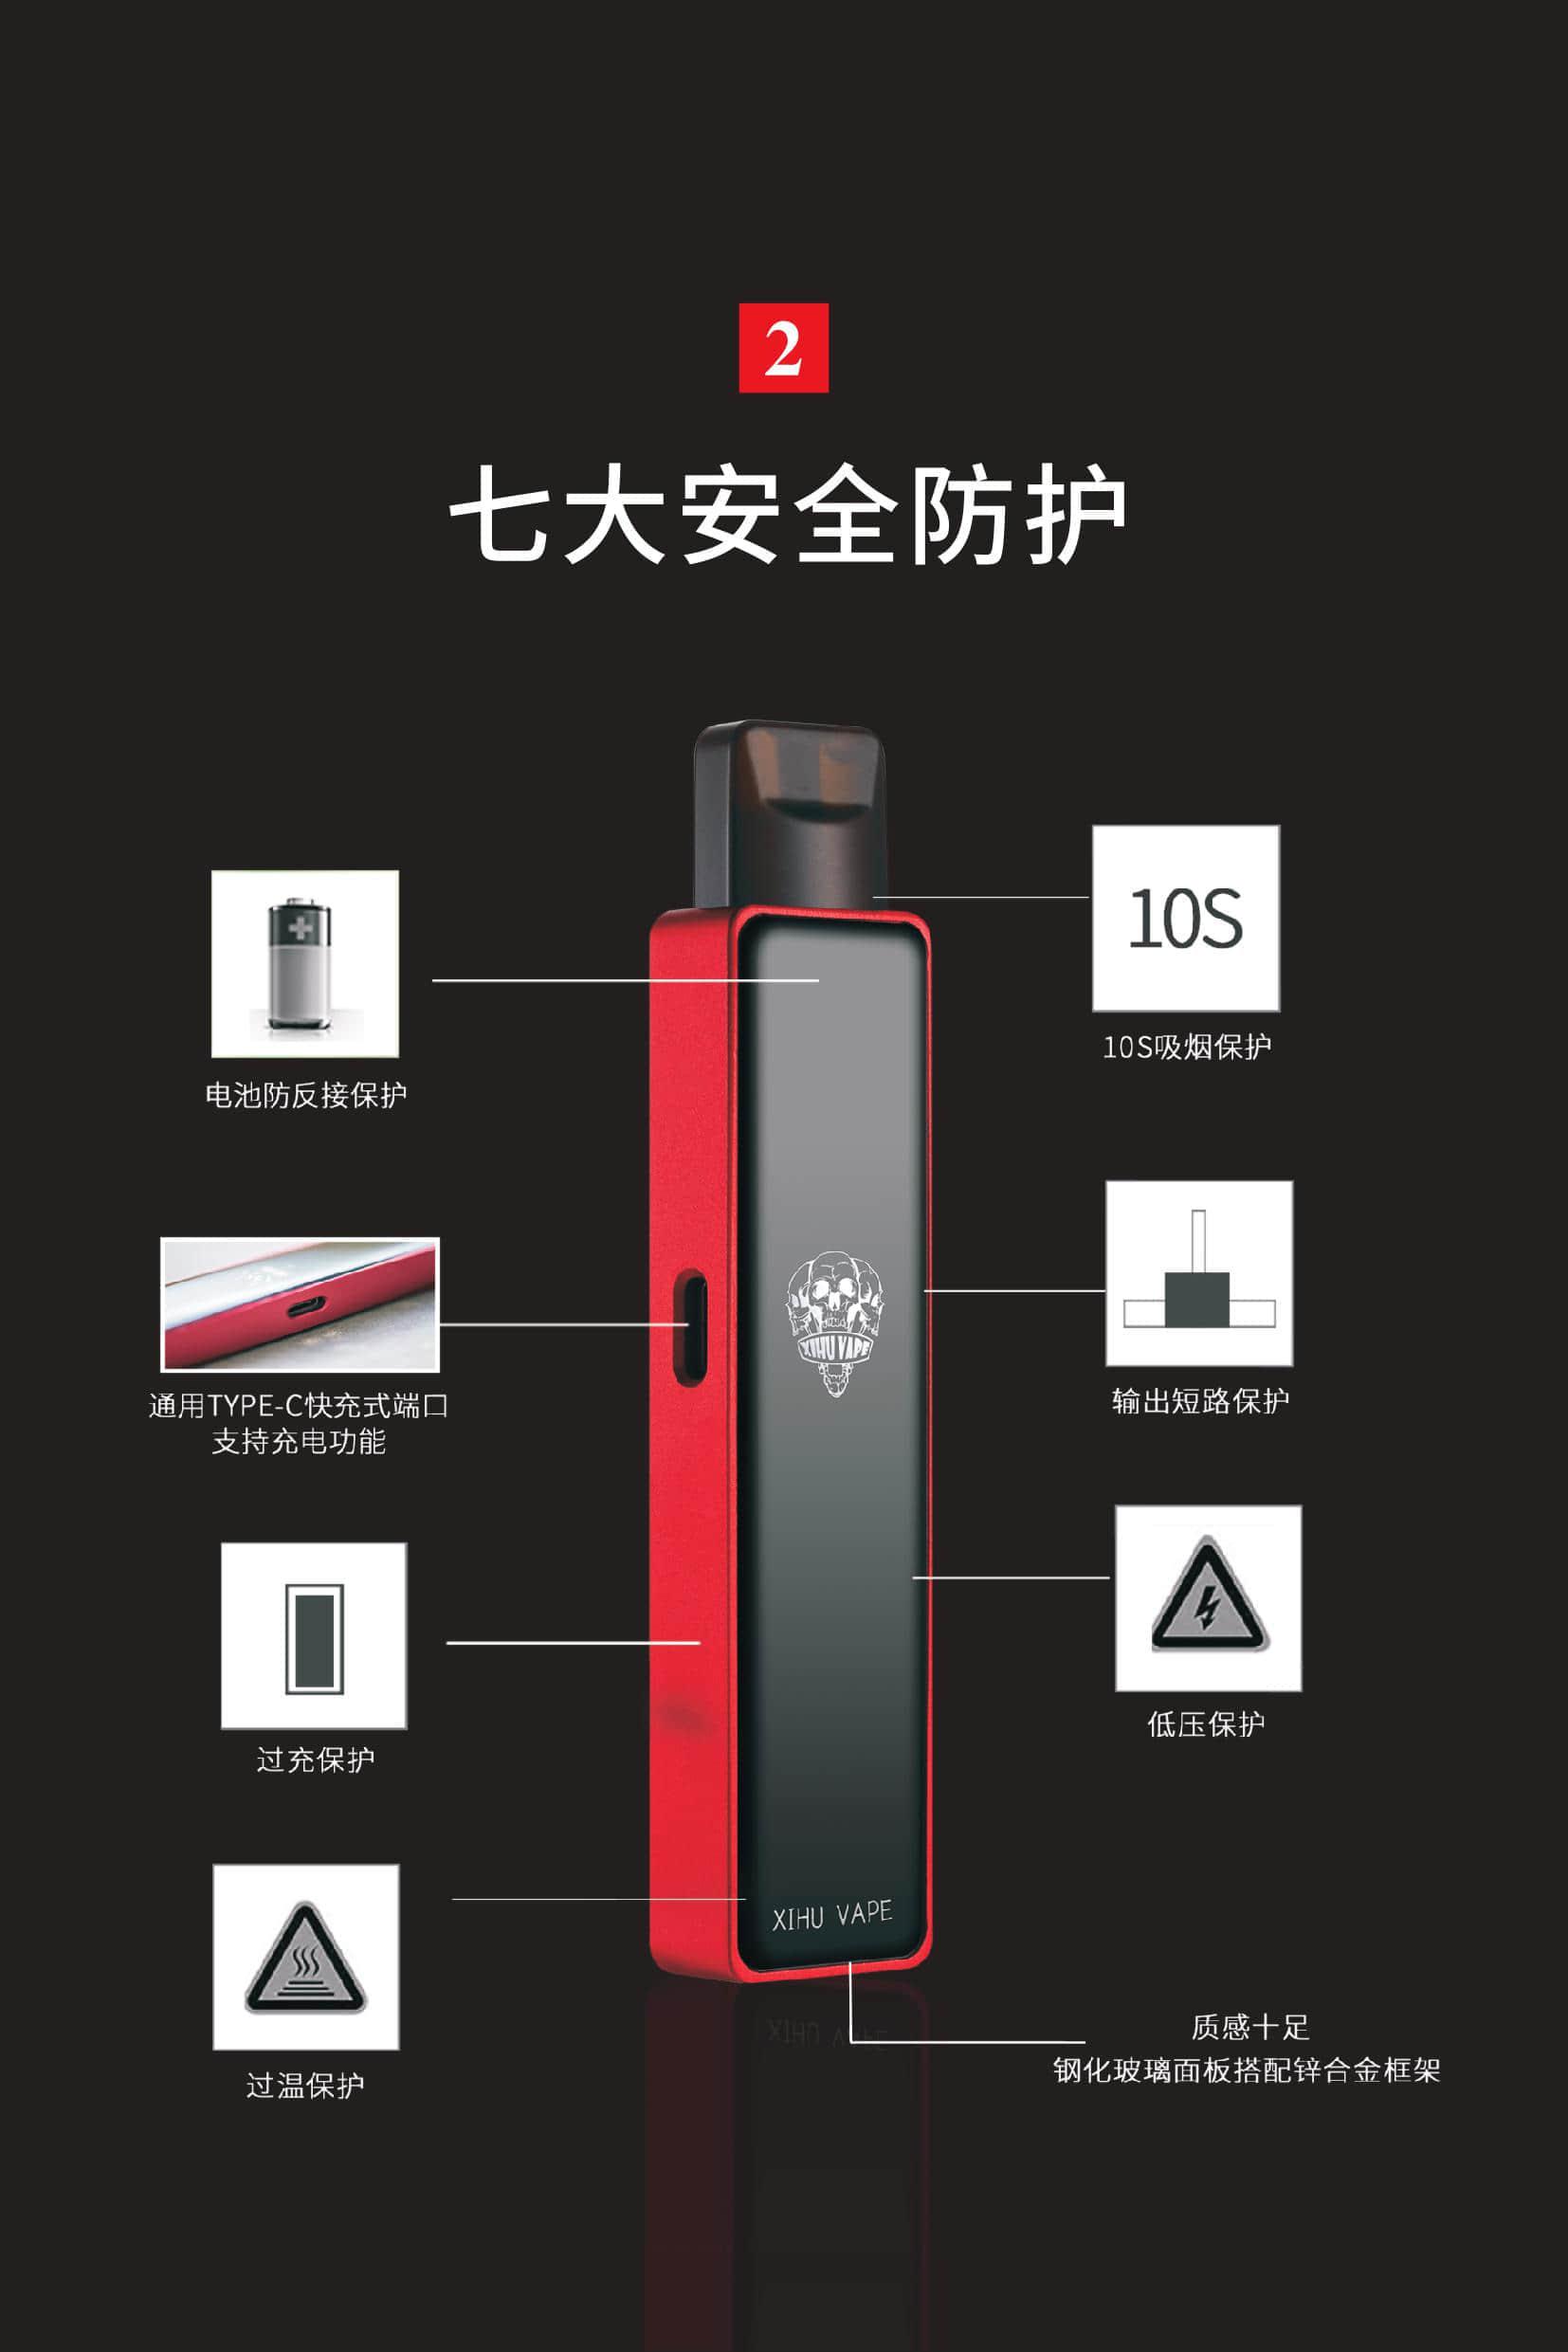 西户VAPE电子烟,戒烟黑科技插图(4)